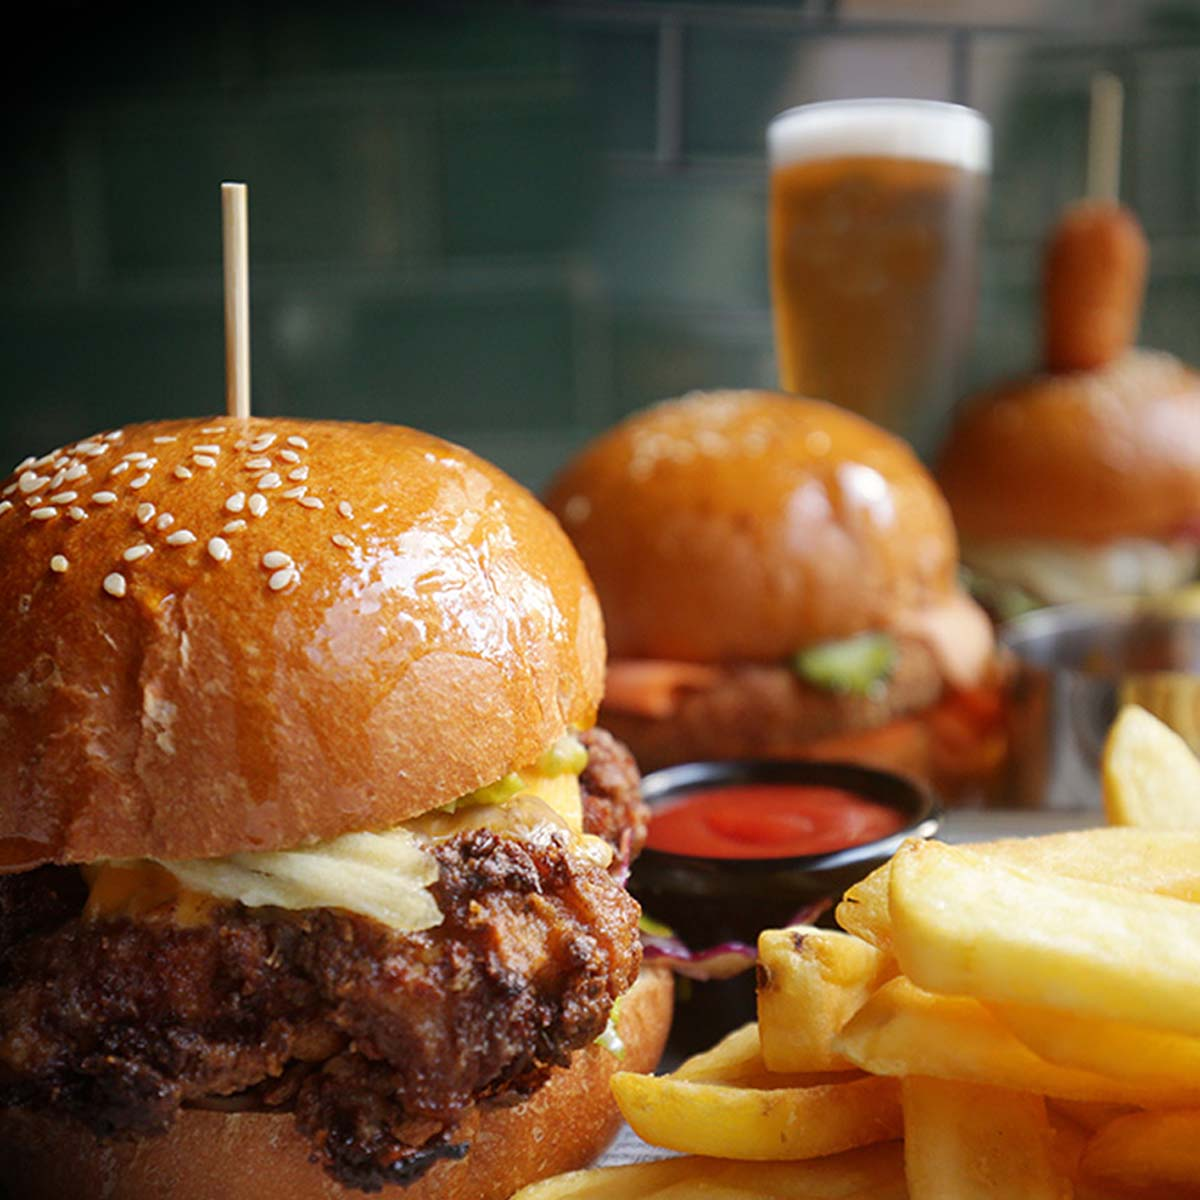 sb_beer_burger_1200x1200.jpg